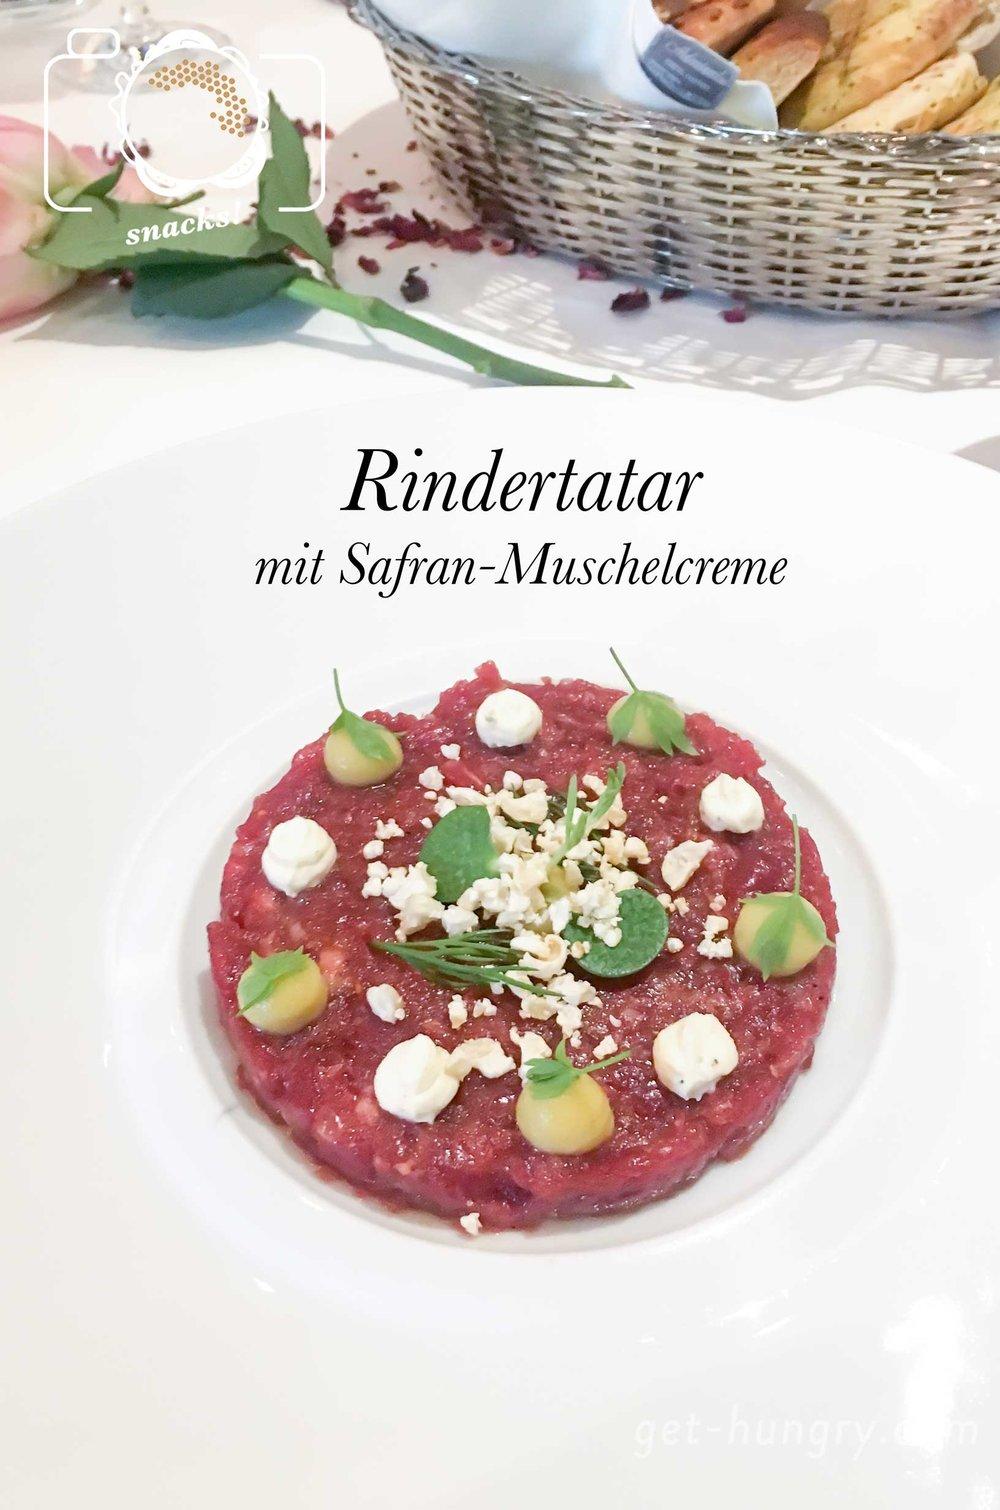 Rindertatar mit Safran-Muschelcreme